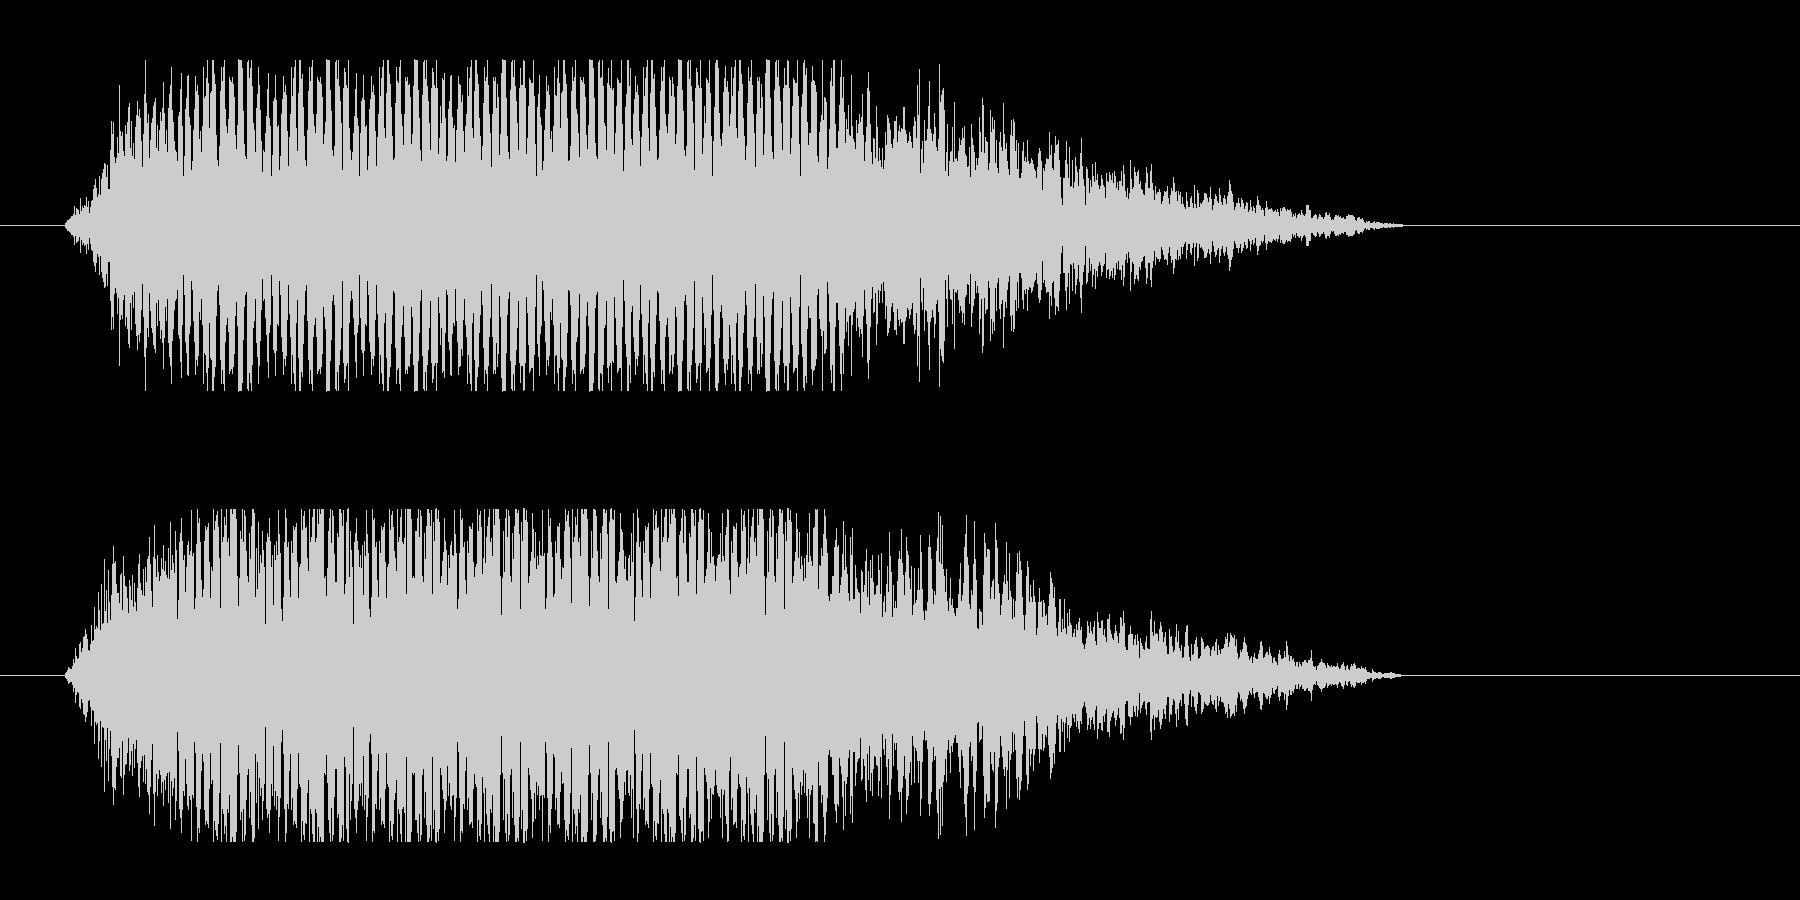 レーザー音-51-3の未再生の波形